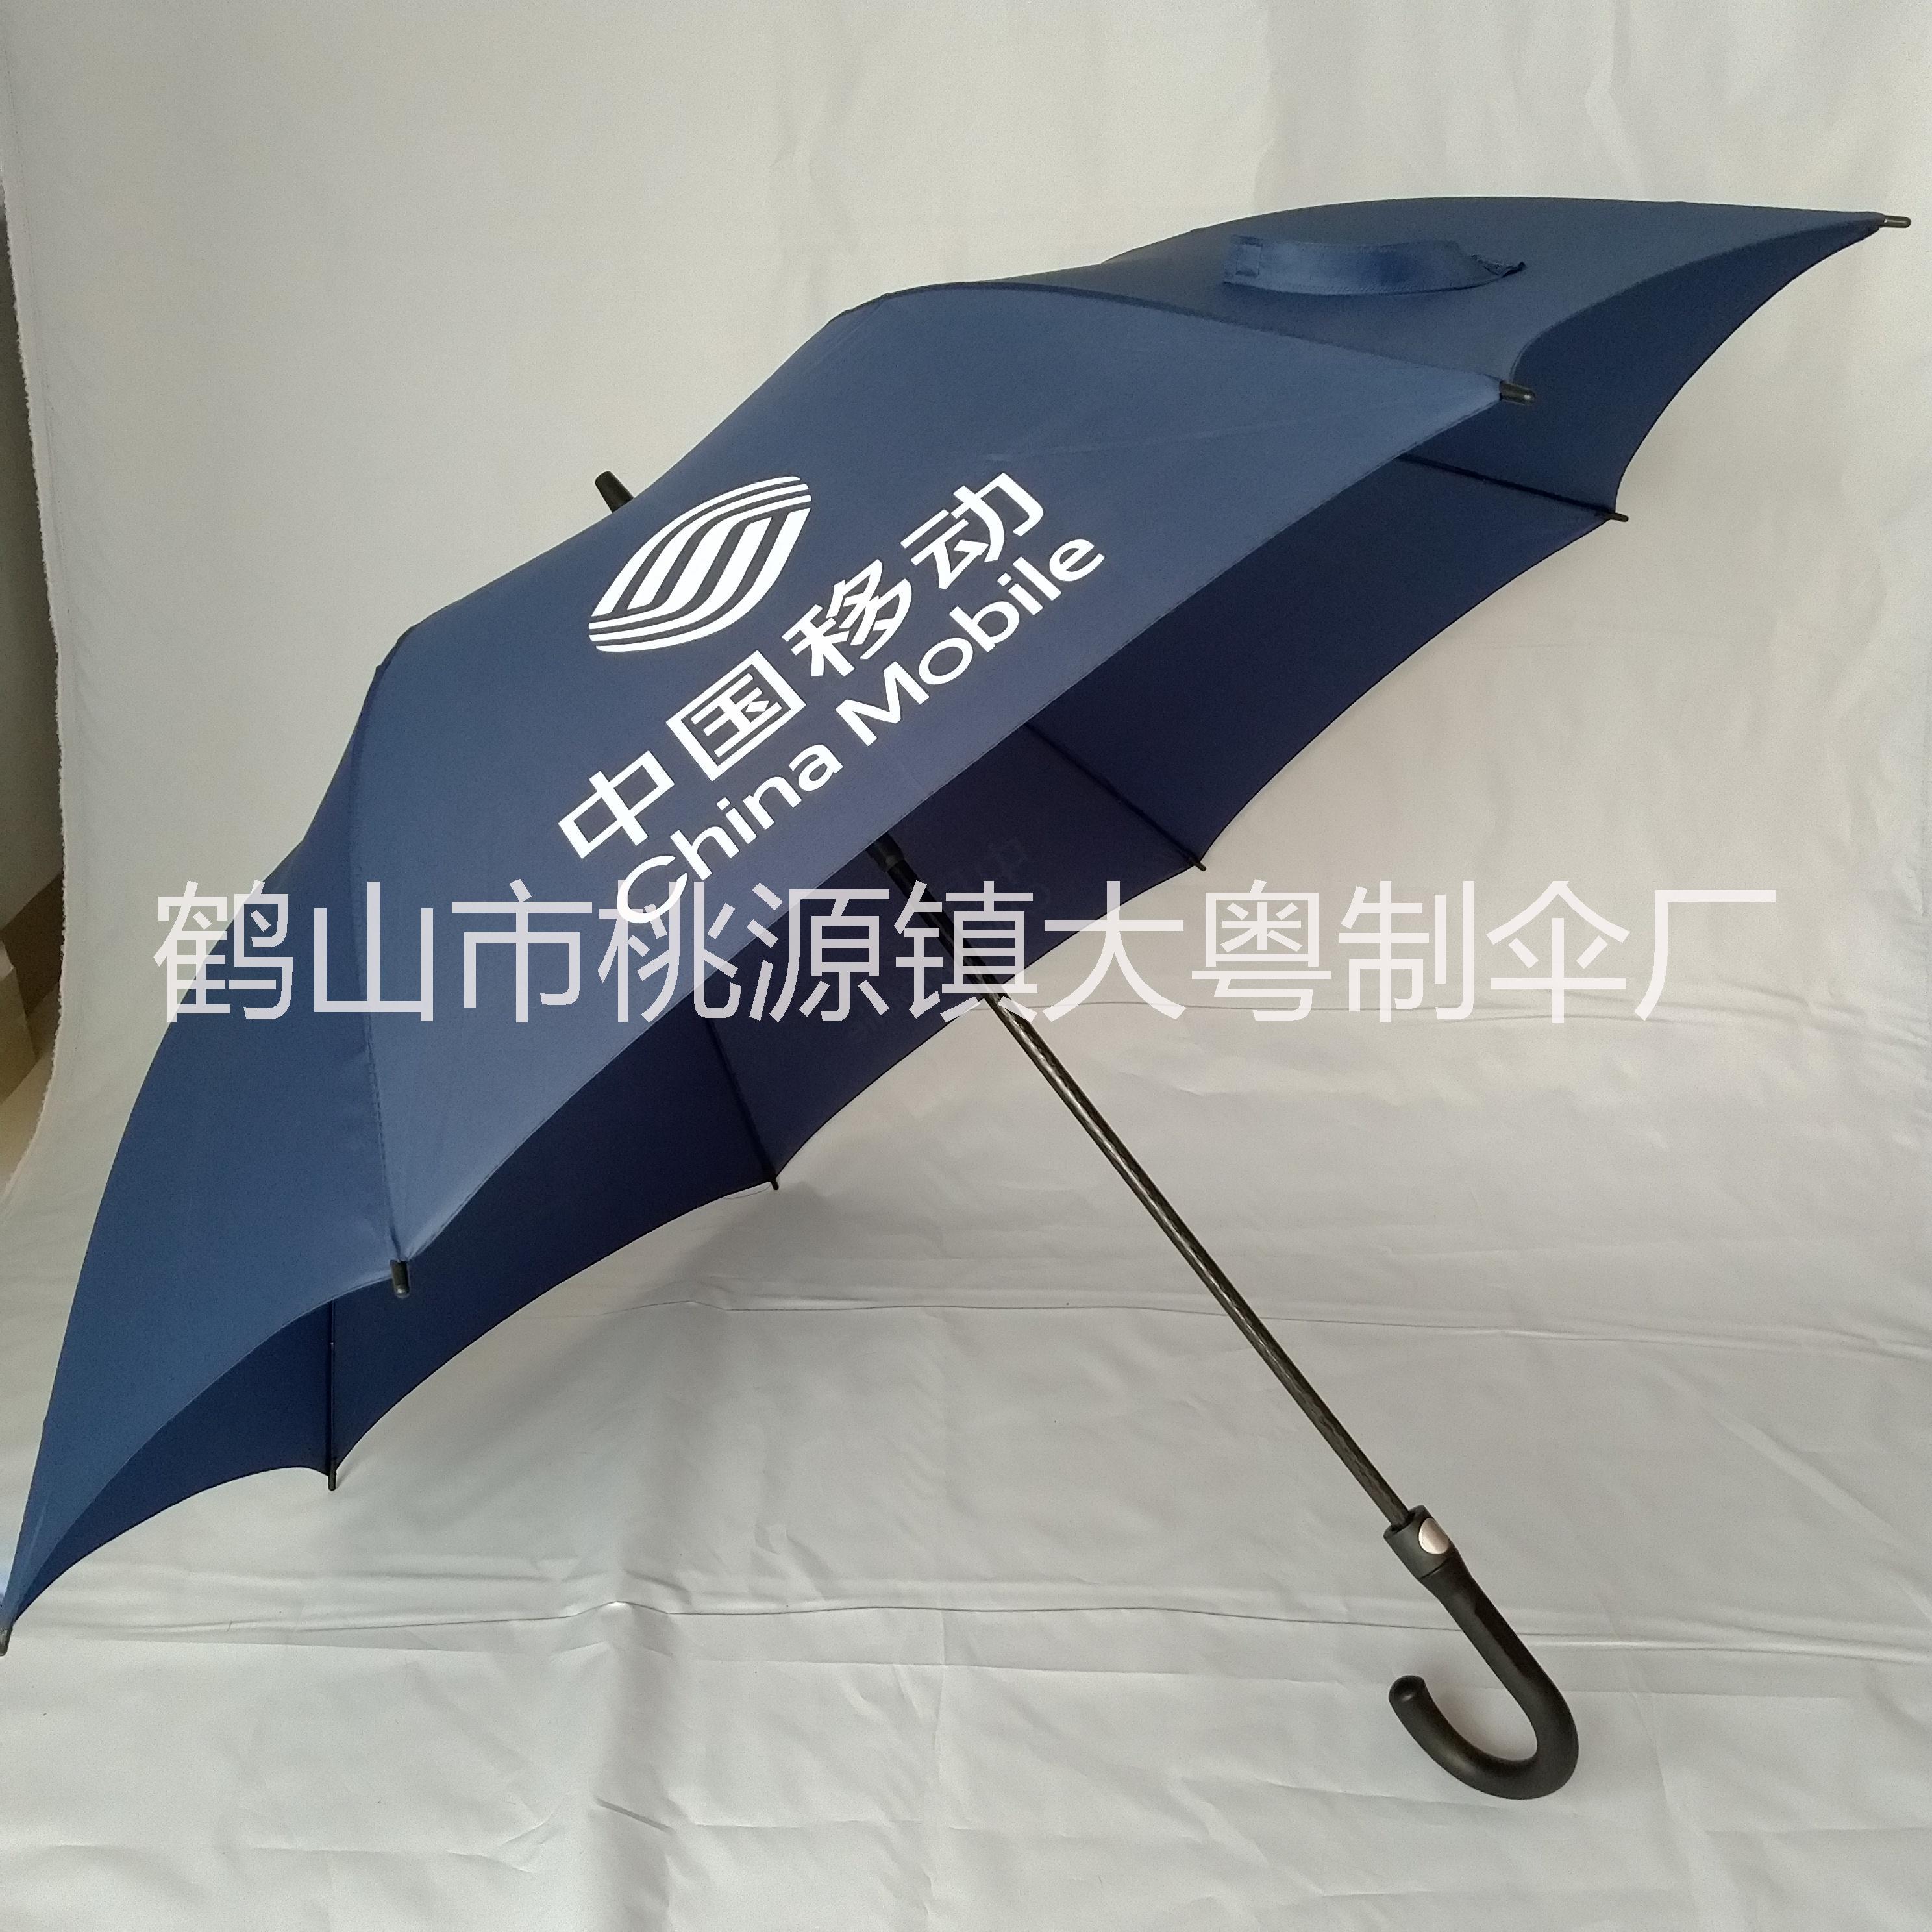 定制雨伞 广告礼品伞订制厂家 高尔夫伞厂家 创意礼品伞生产厂家 雨伞印刷LOGO 免费设计